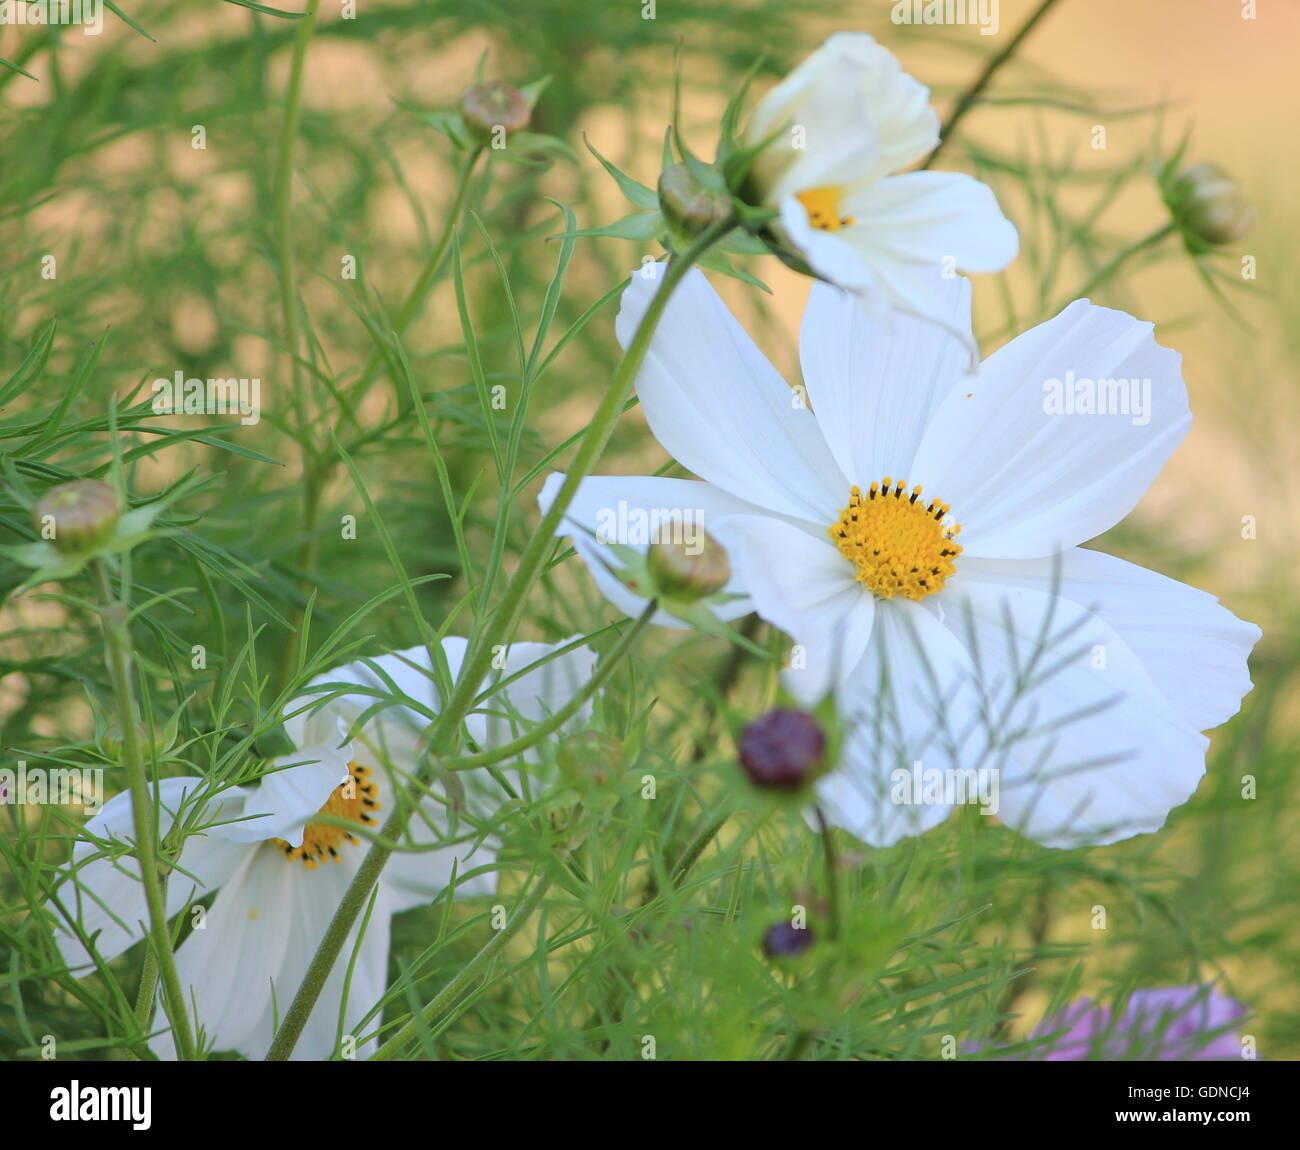 White cosmos flower stock photos white cosmos flower stock images white cosmos flower stock image mightylinksfo